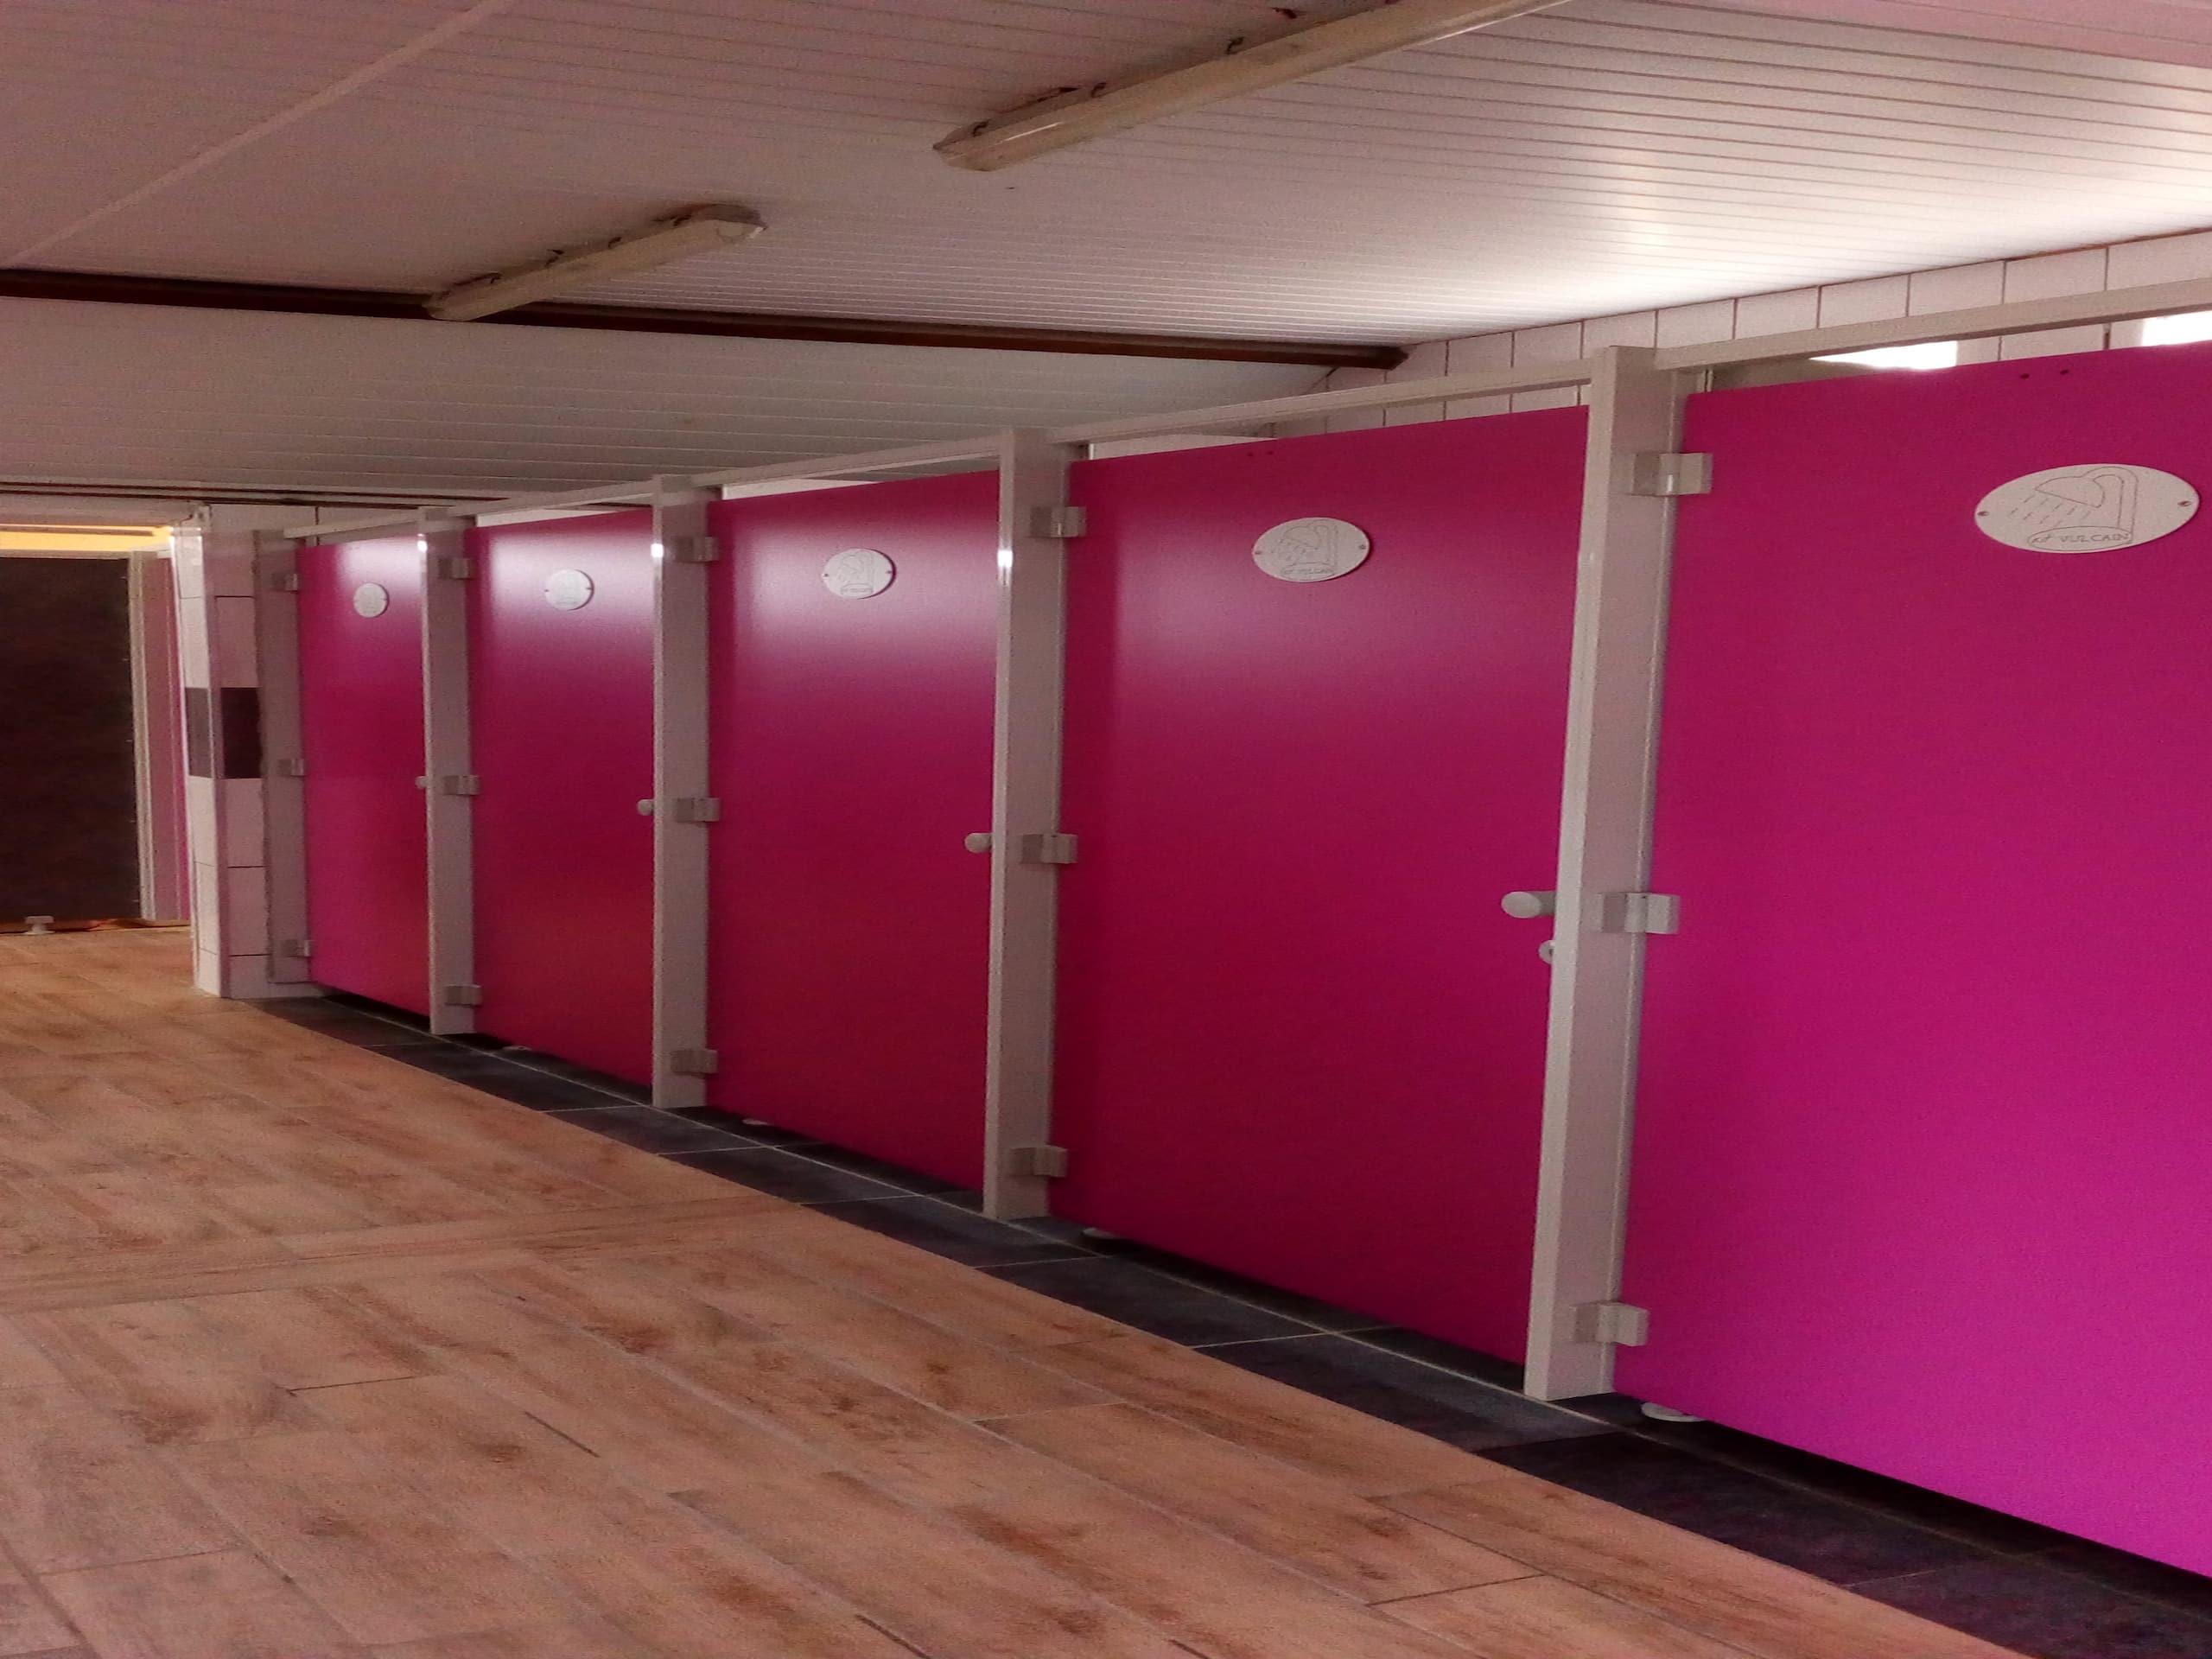 cloisons sanitaires fabriquées et installées par KVI créateur d'espaces sanitaires